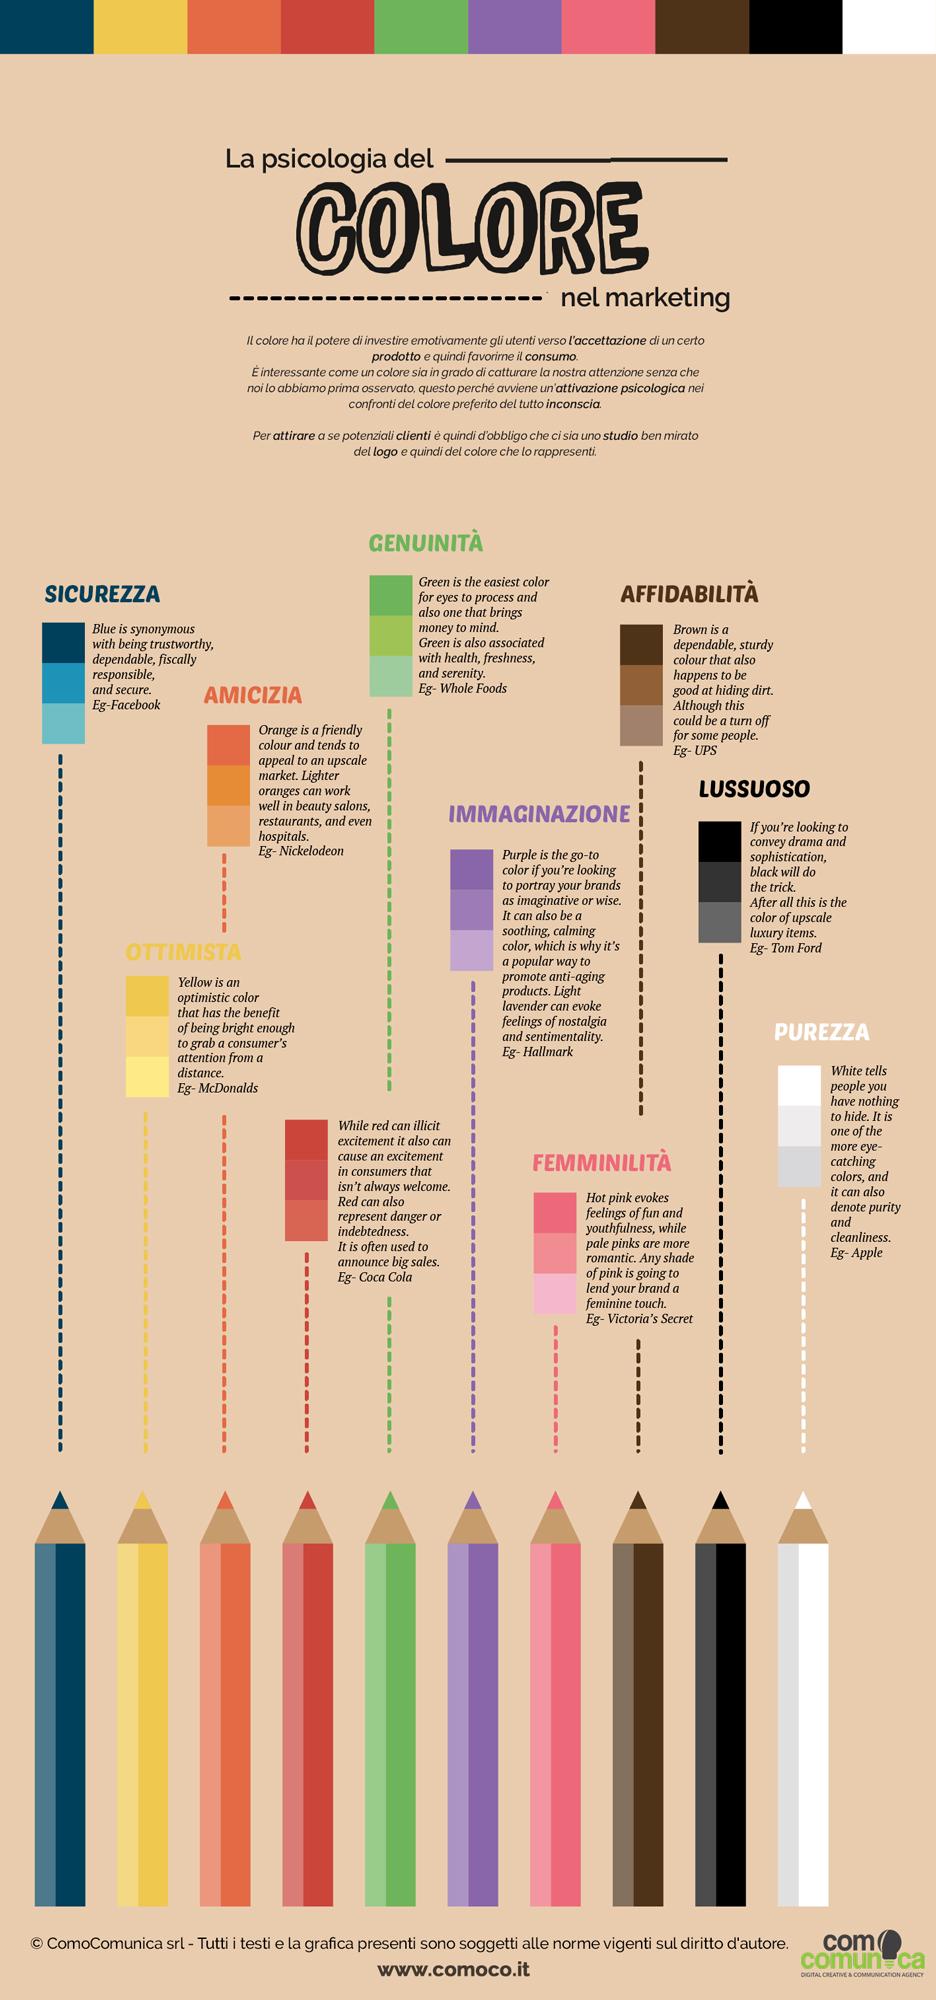 psilogia-del-colore